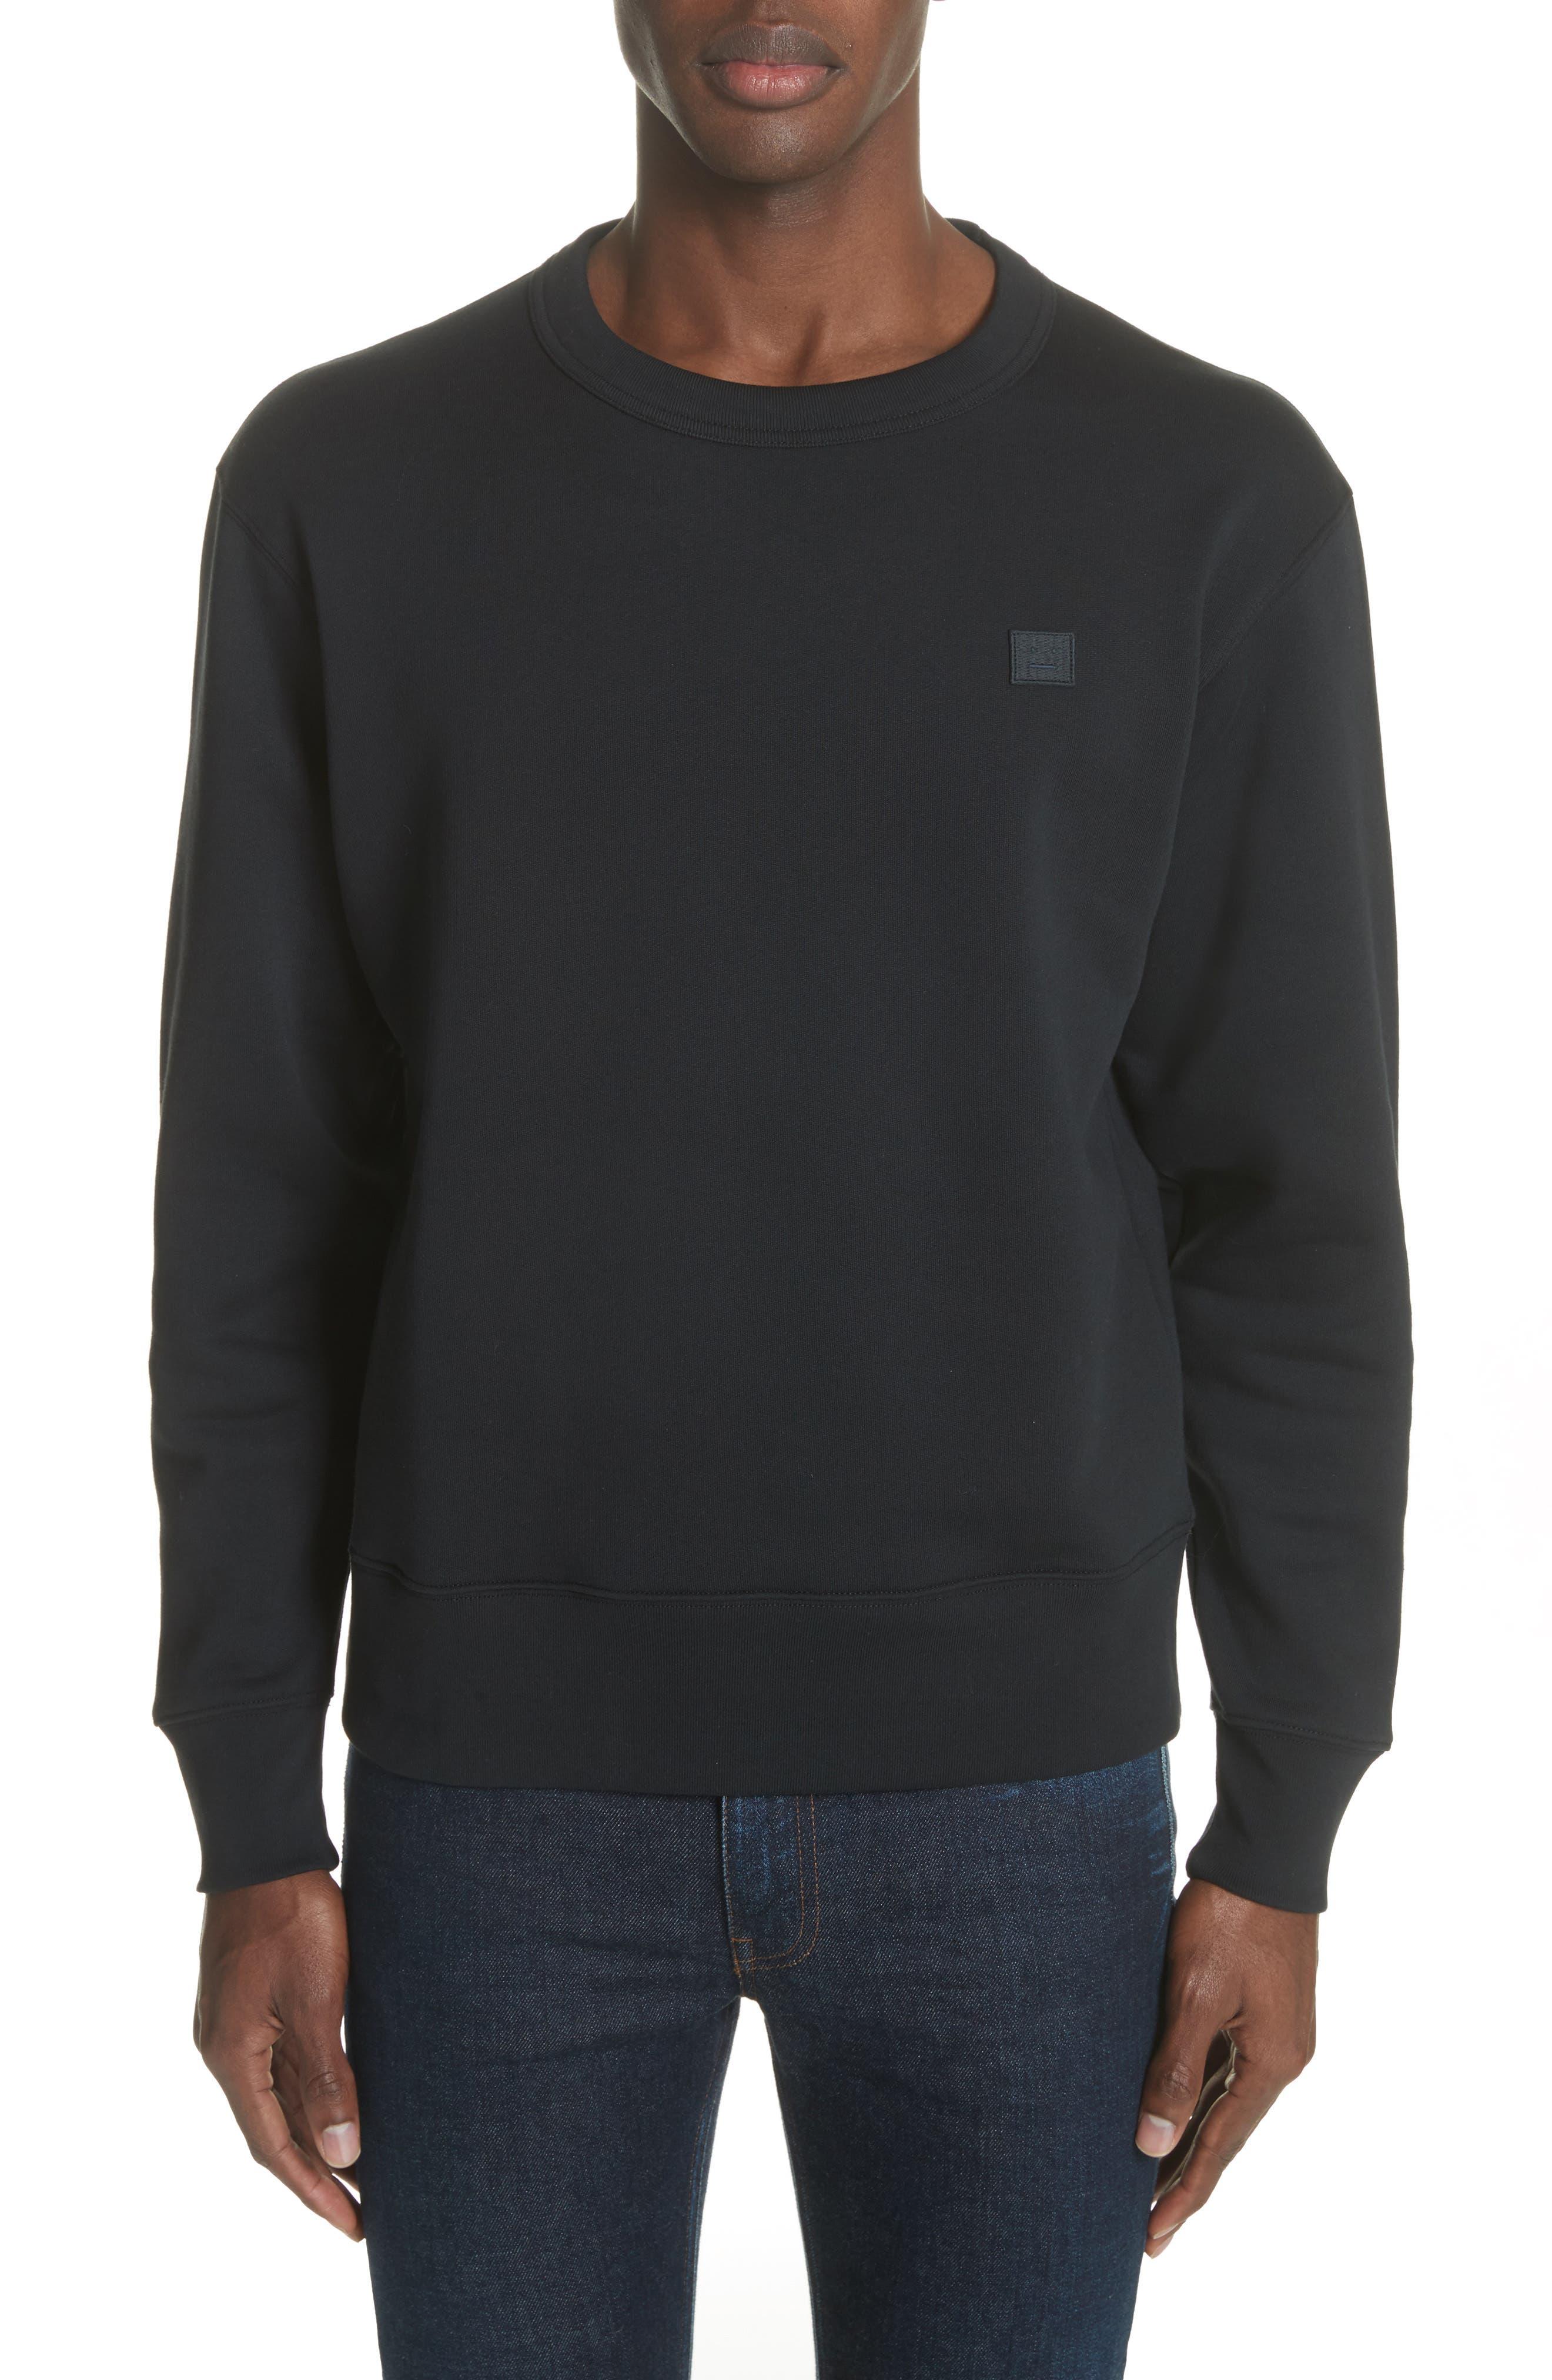 Fairview Face Crewneck Sweatshirt,                             Main thumbnail 1, color,                             Black